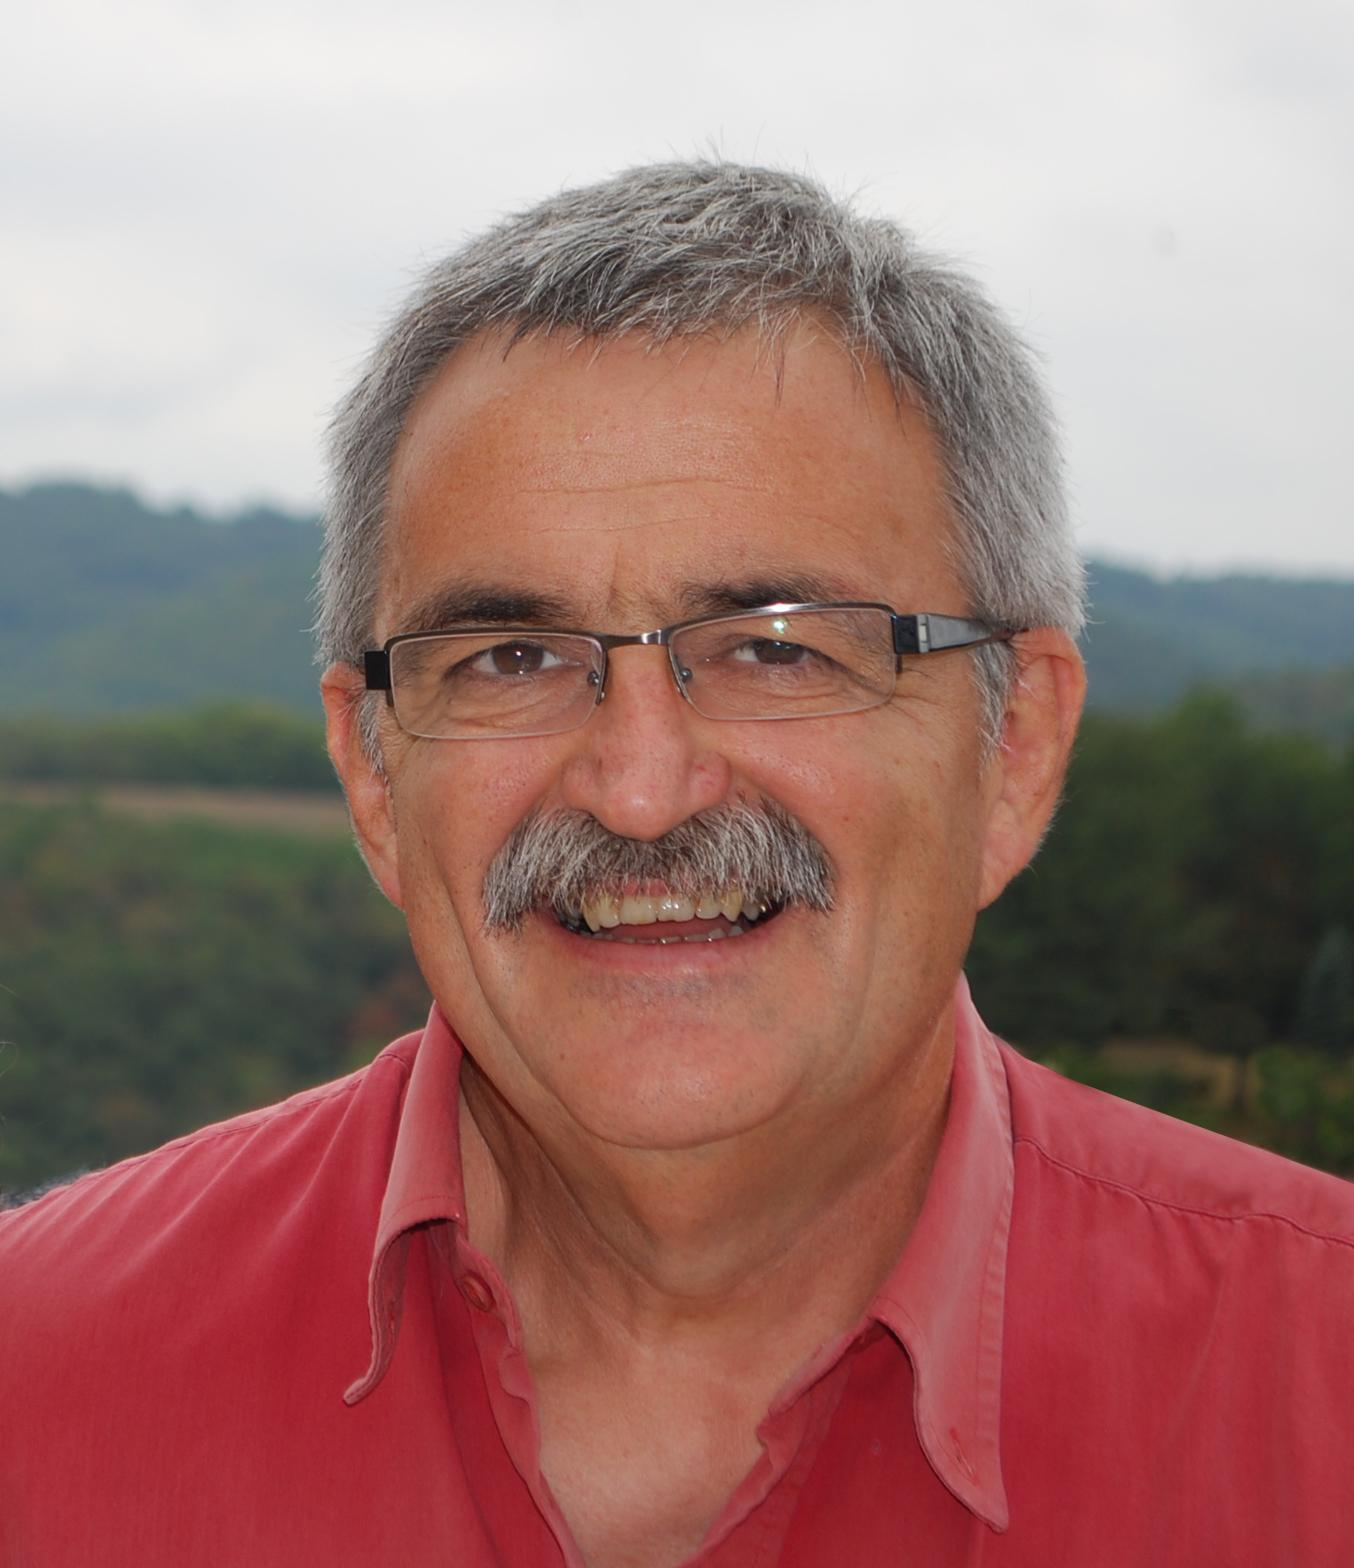 Régis Delpeuch